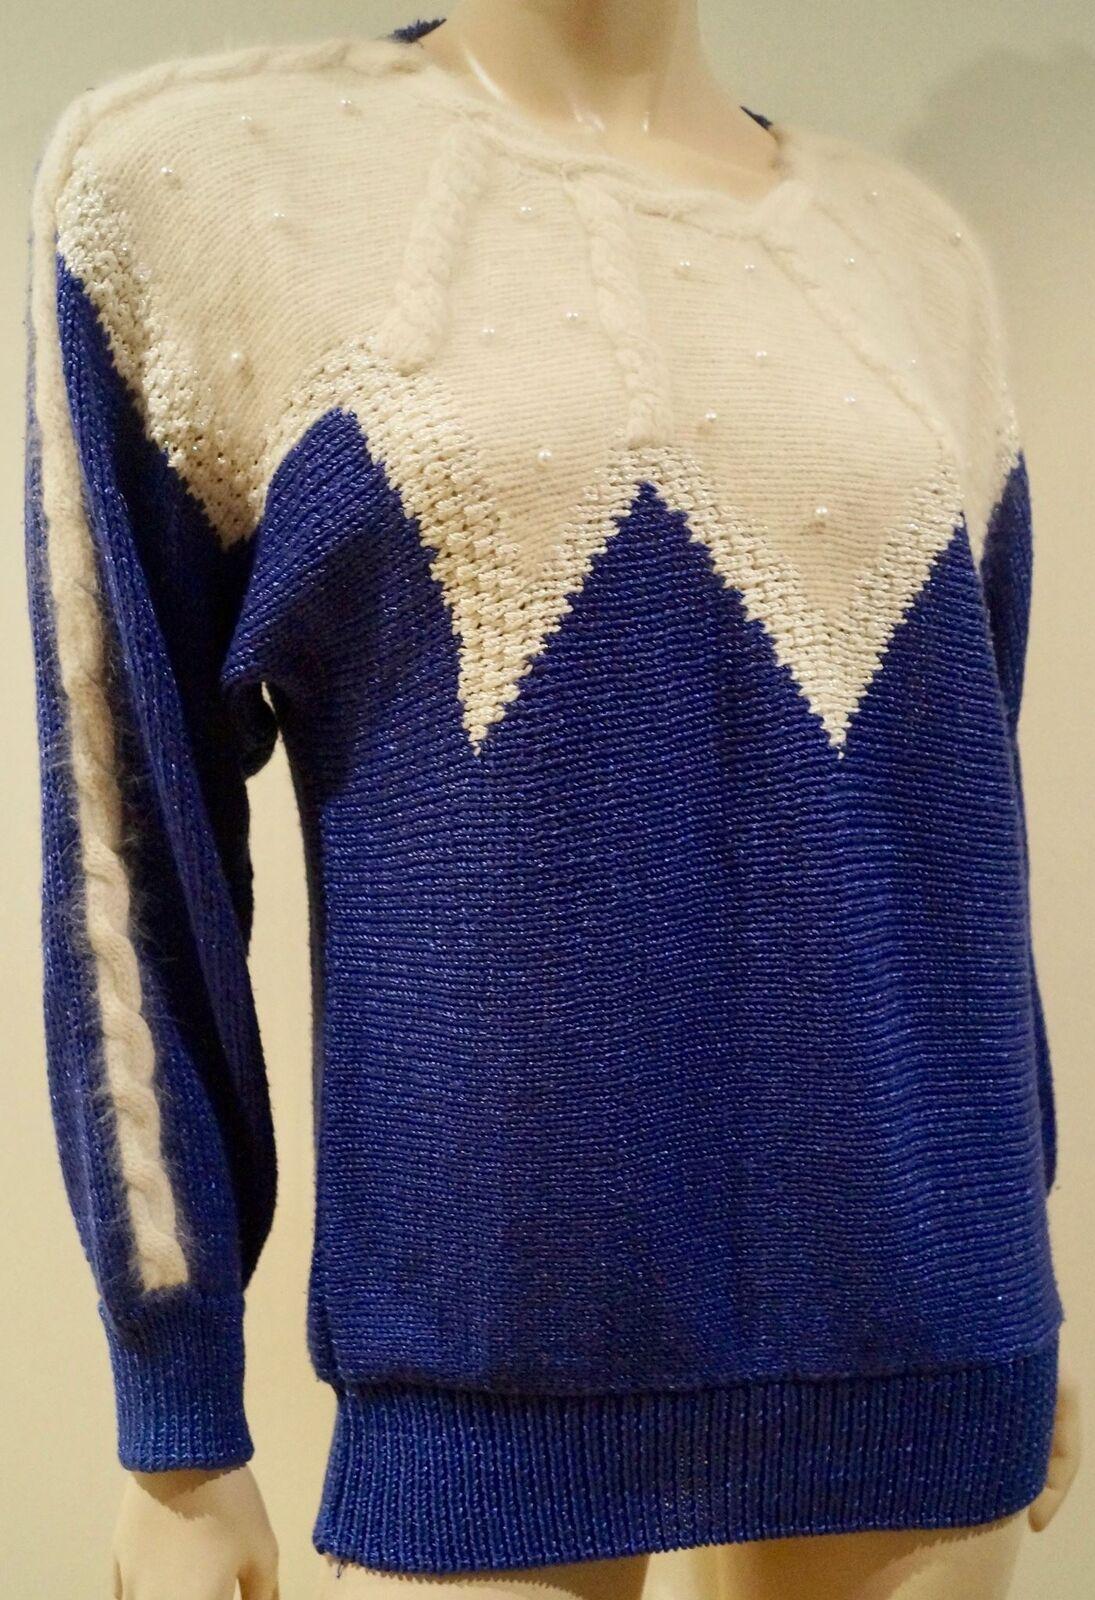 TED LAPIDUS Paris blu Metallic & Cream Pearl Dettaglio Lavorato a Maglia Maglione Pullover Top